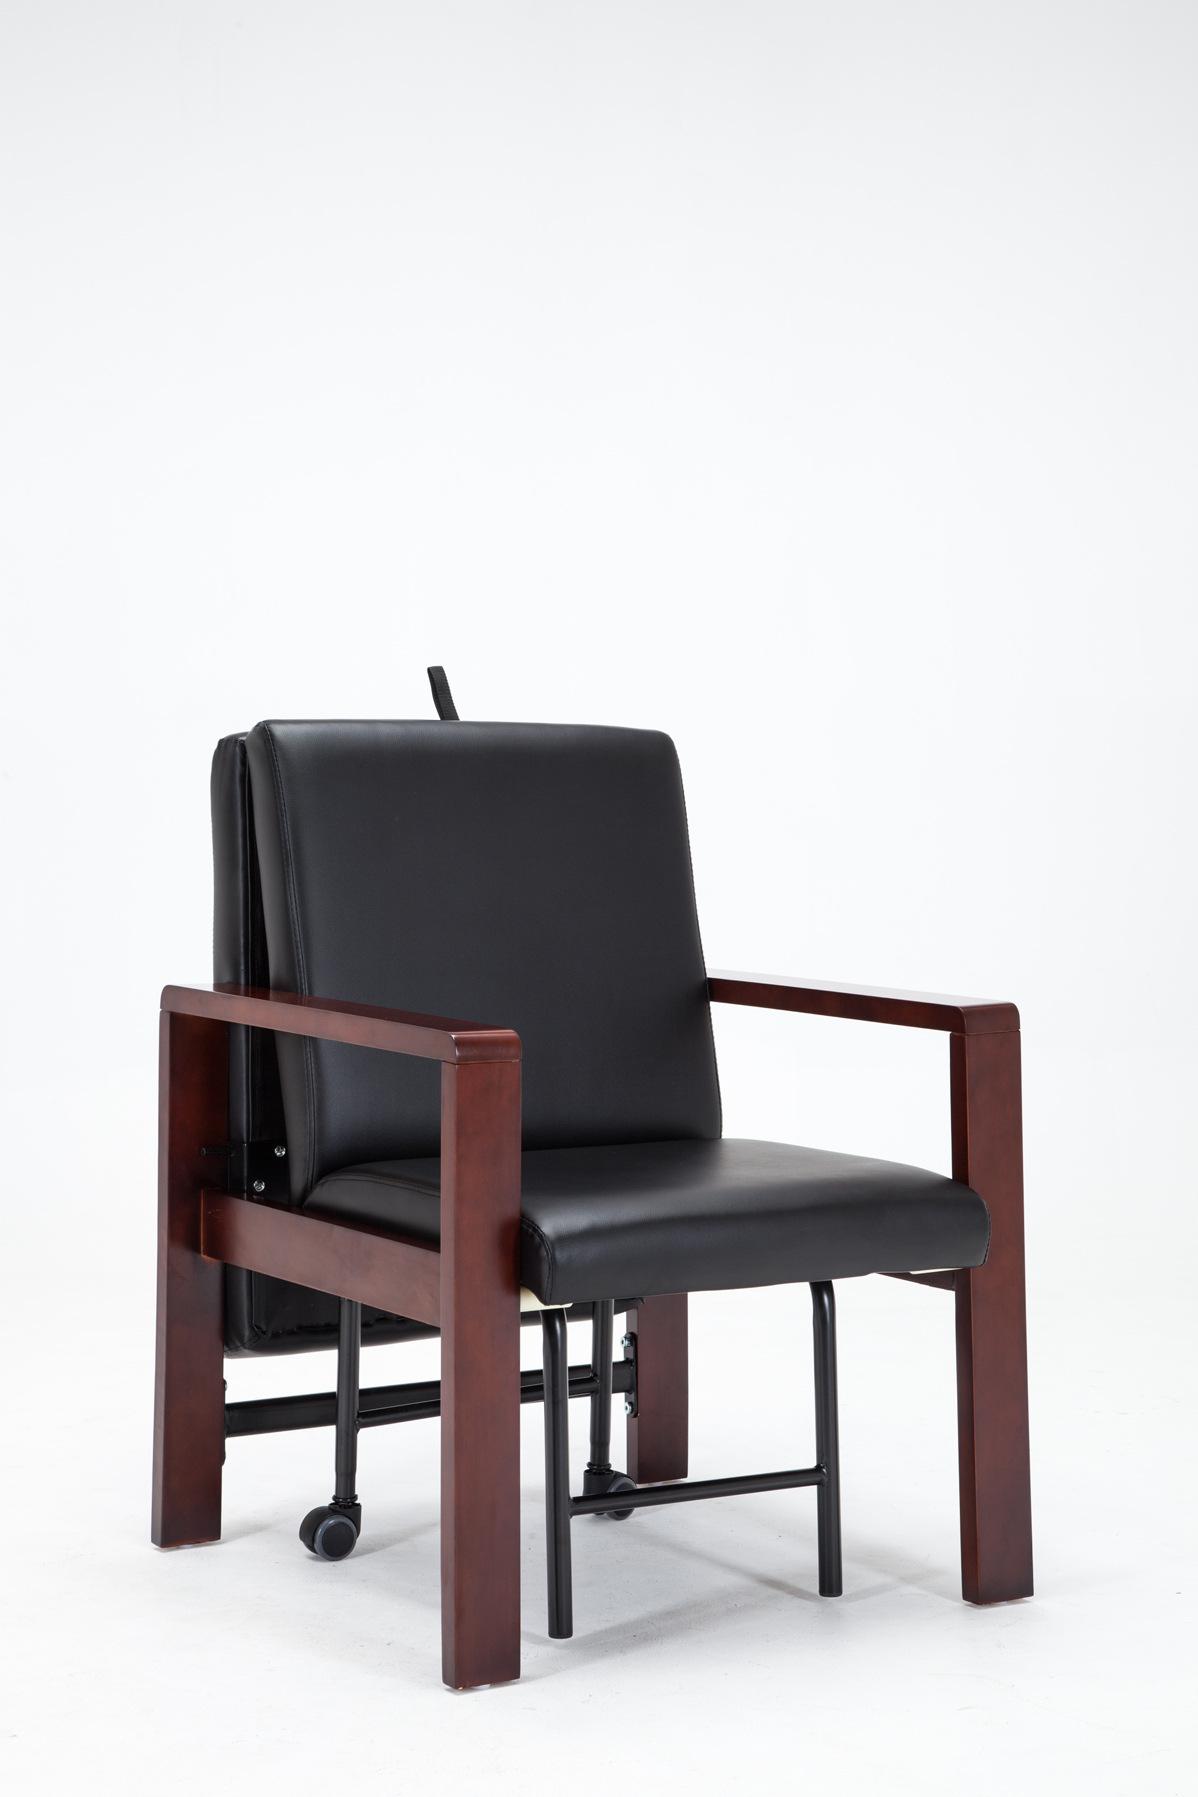 折叠躺椅午睡椅怎么样?折叠躺椅种类介绍